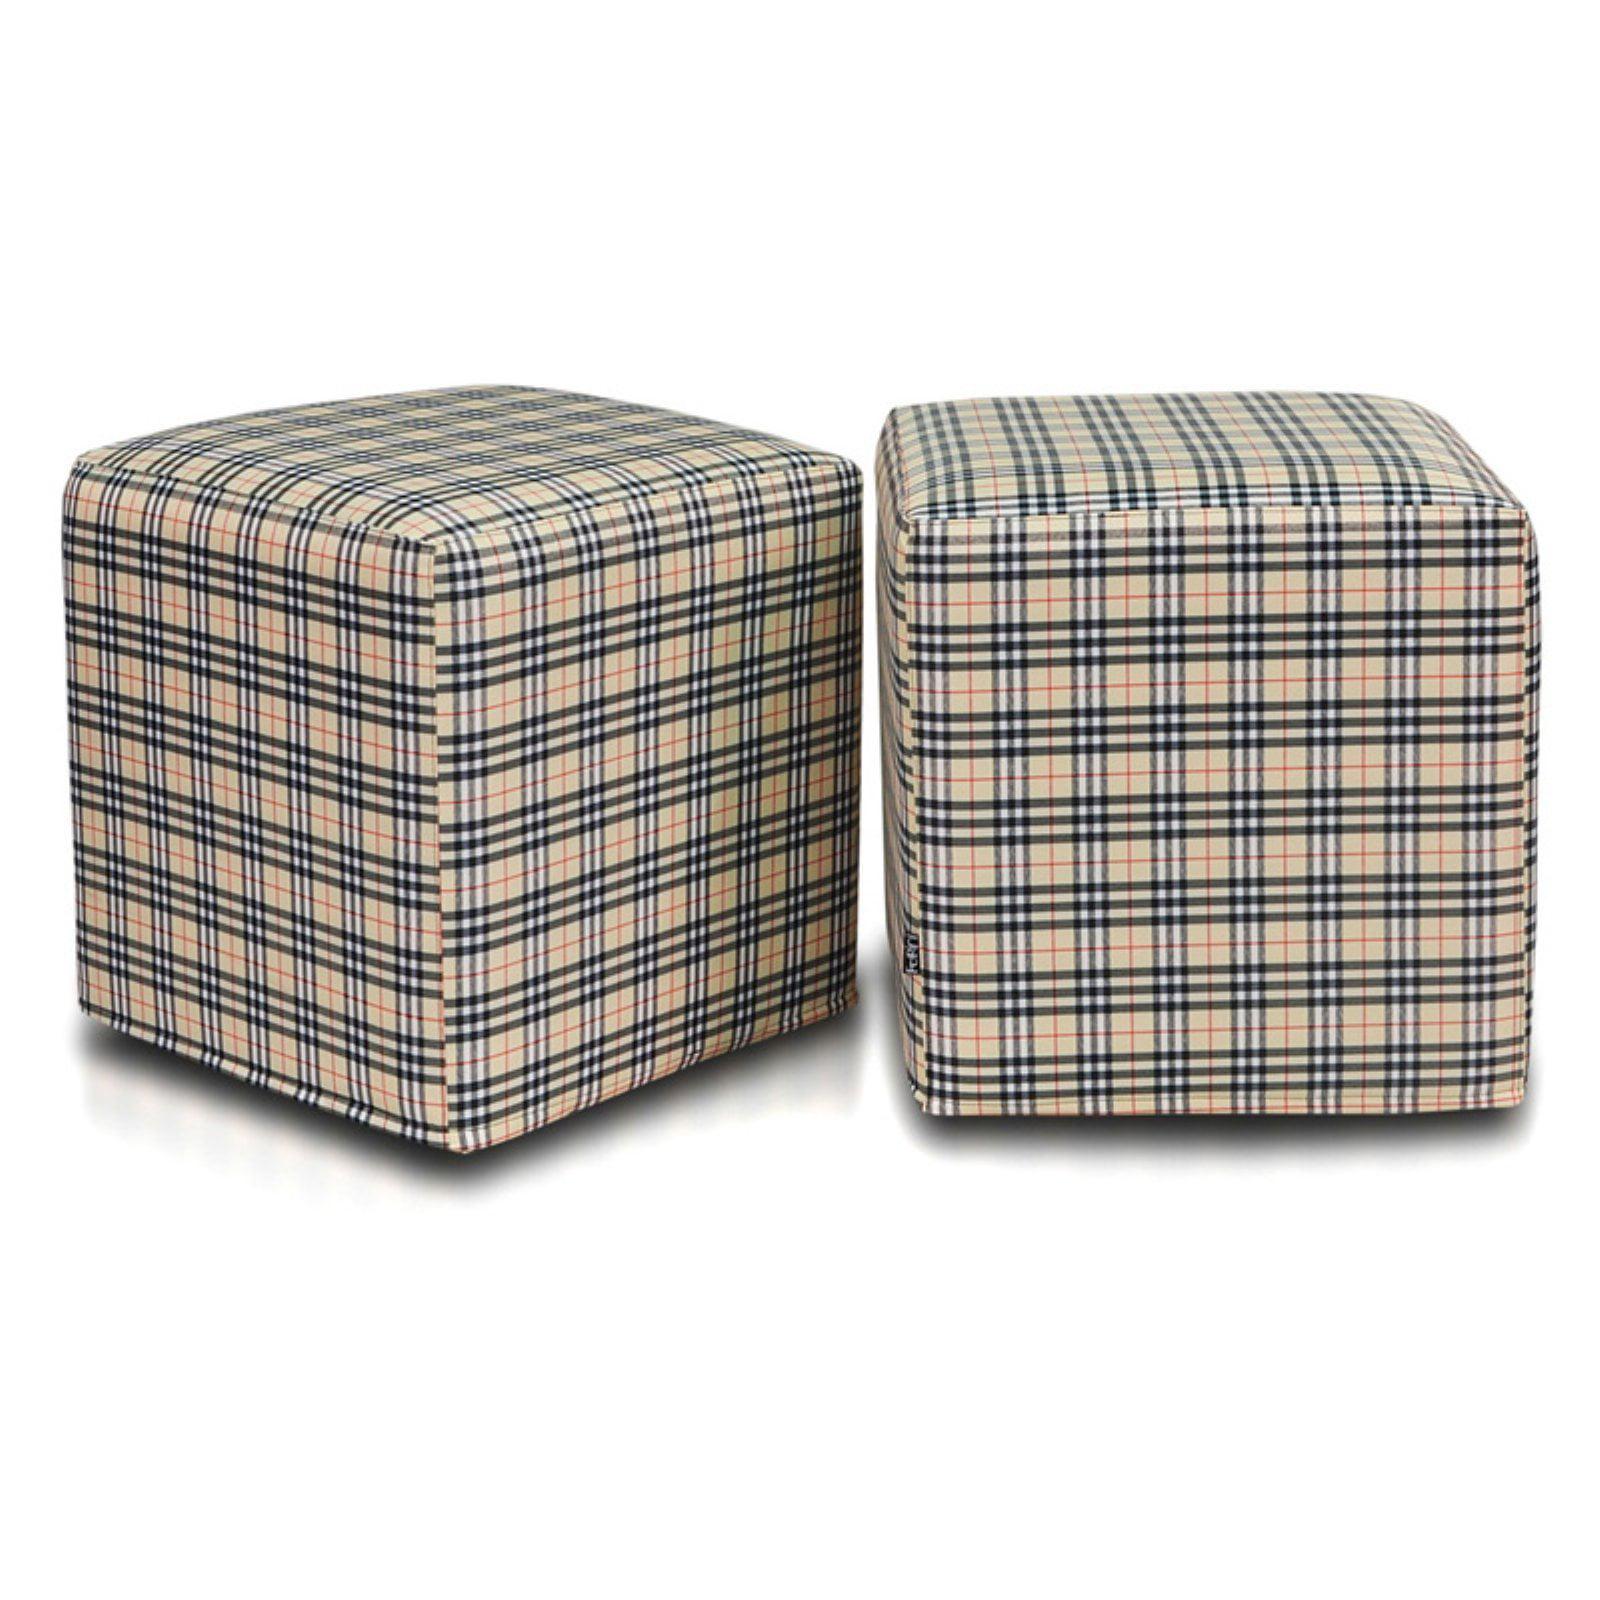 Turbo Beanbags Block Plaid Bean Bag Chair